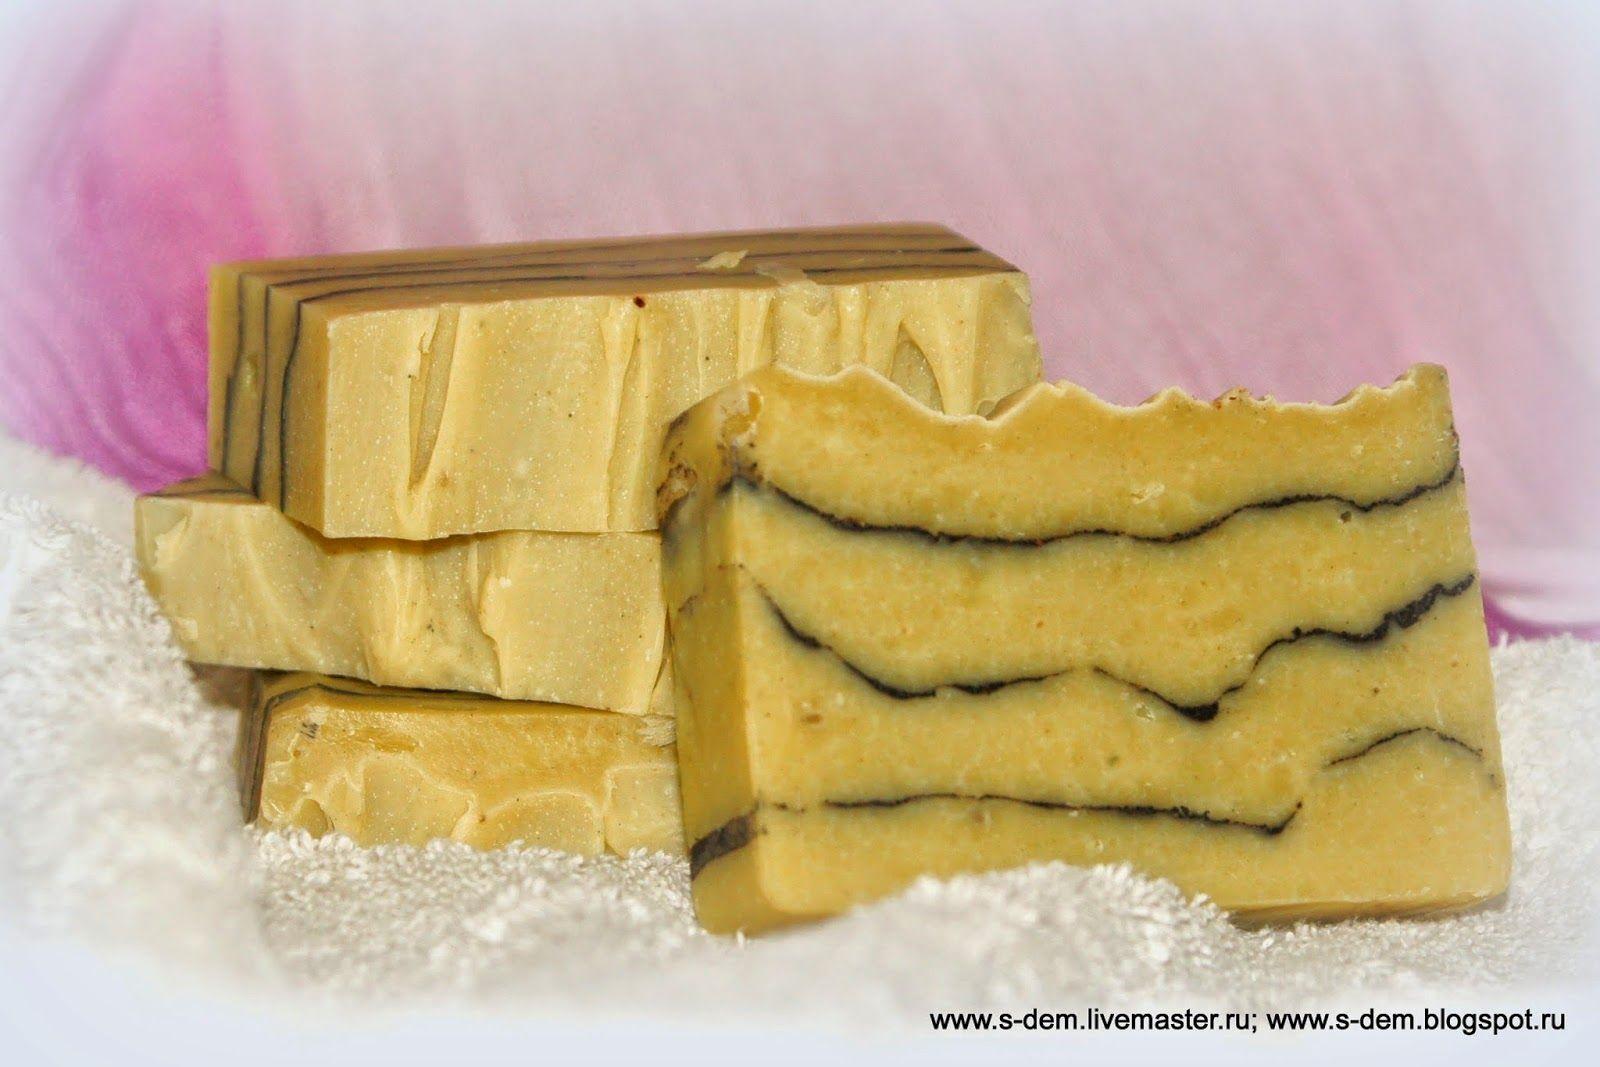 Натуральное мыло для тела своими руками фото 422